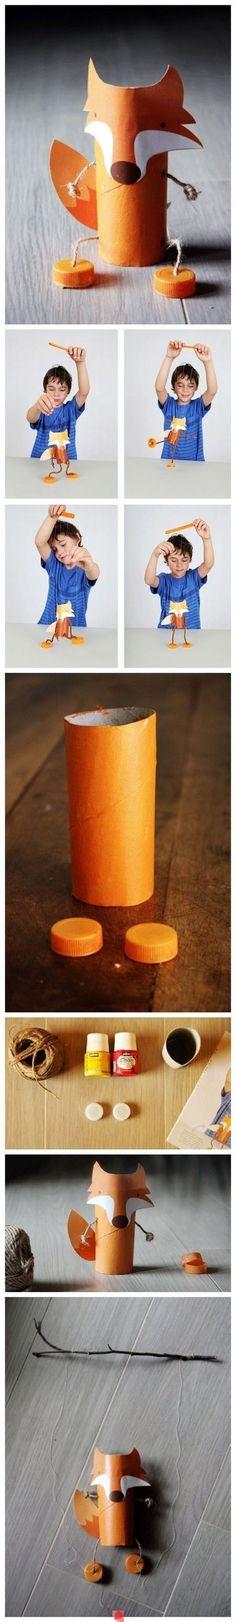 Tuvalet Kağıdı Rulosundan Neler Yapılır? ,  #kartondanneleryapılır…